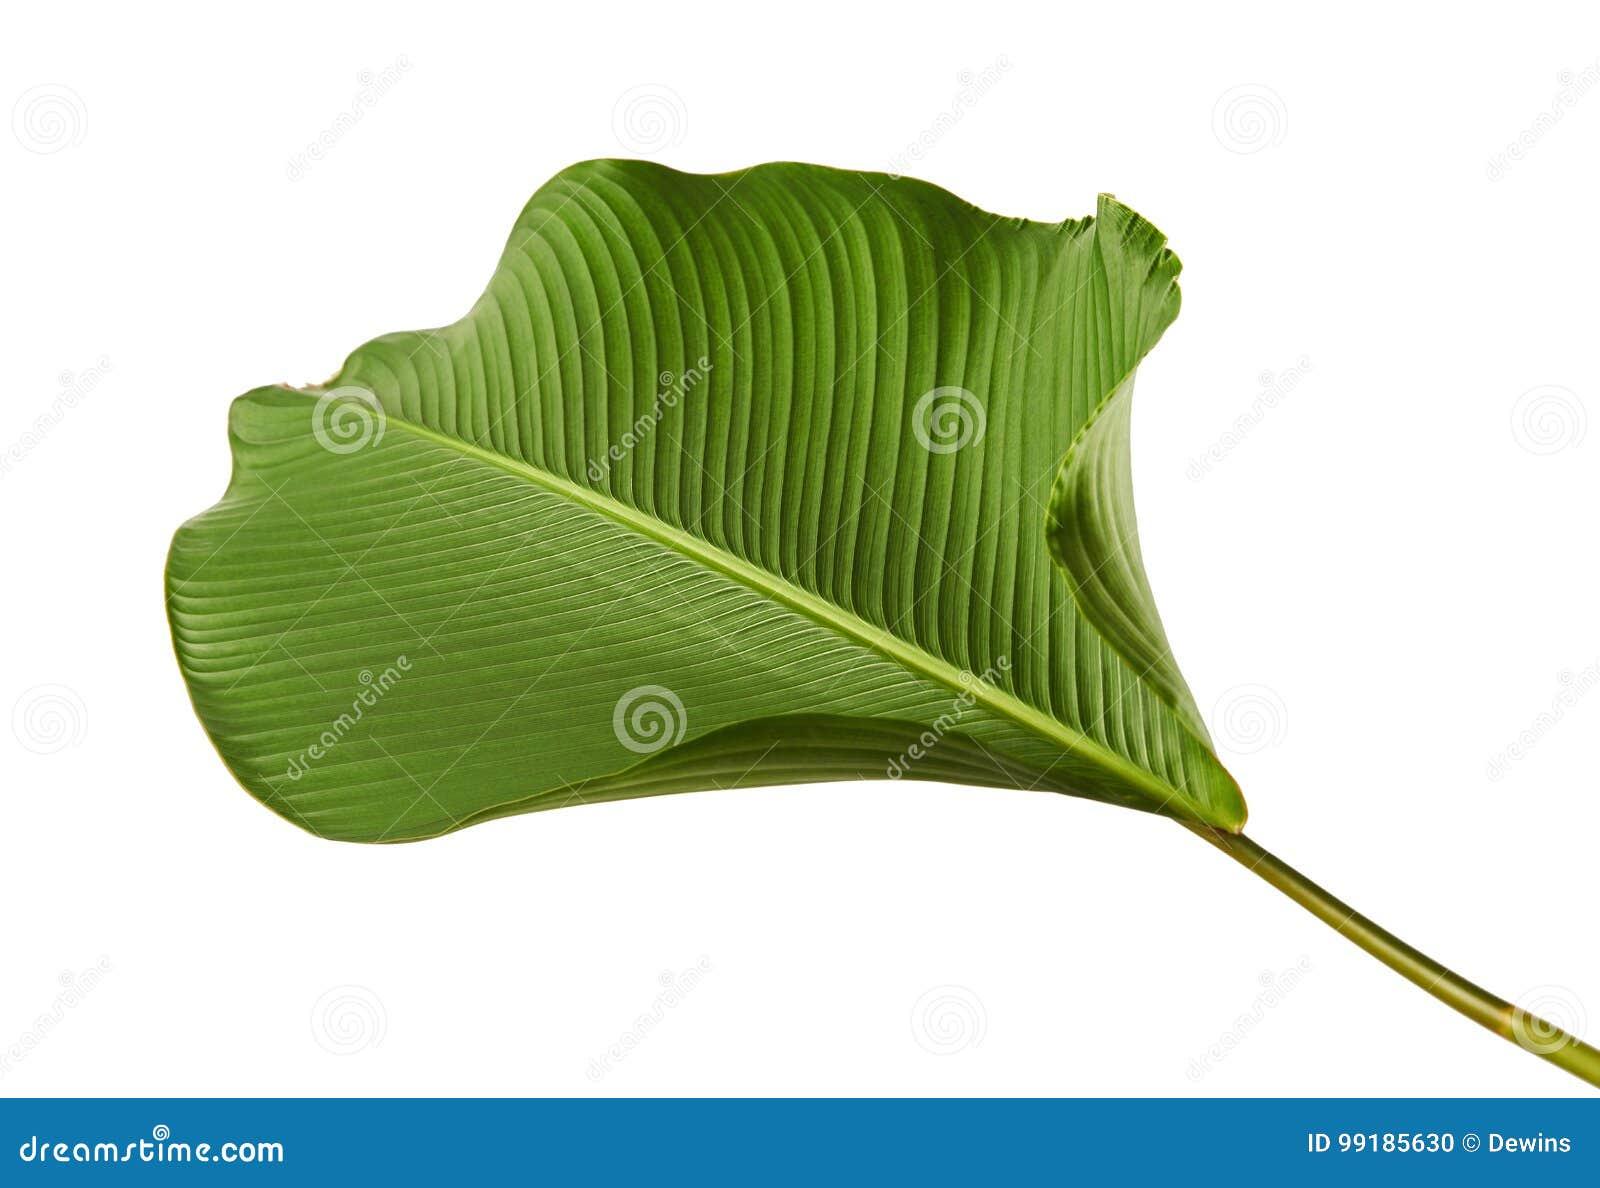 Calathea lutealövverk, cigarr Calathea, kubansk cigarr, exotiskt tropiskt blad, Calathea blad som isoleras på vit bakgrund med ge